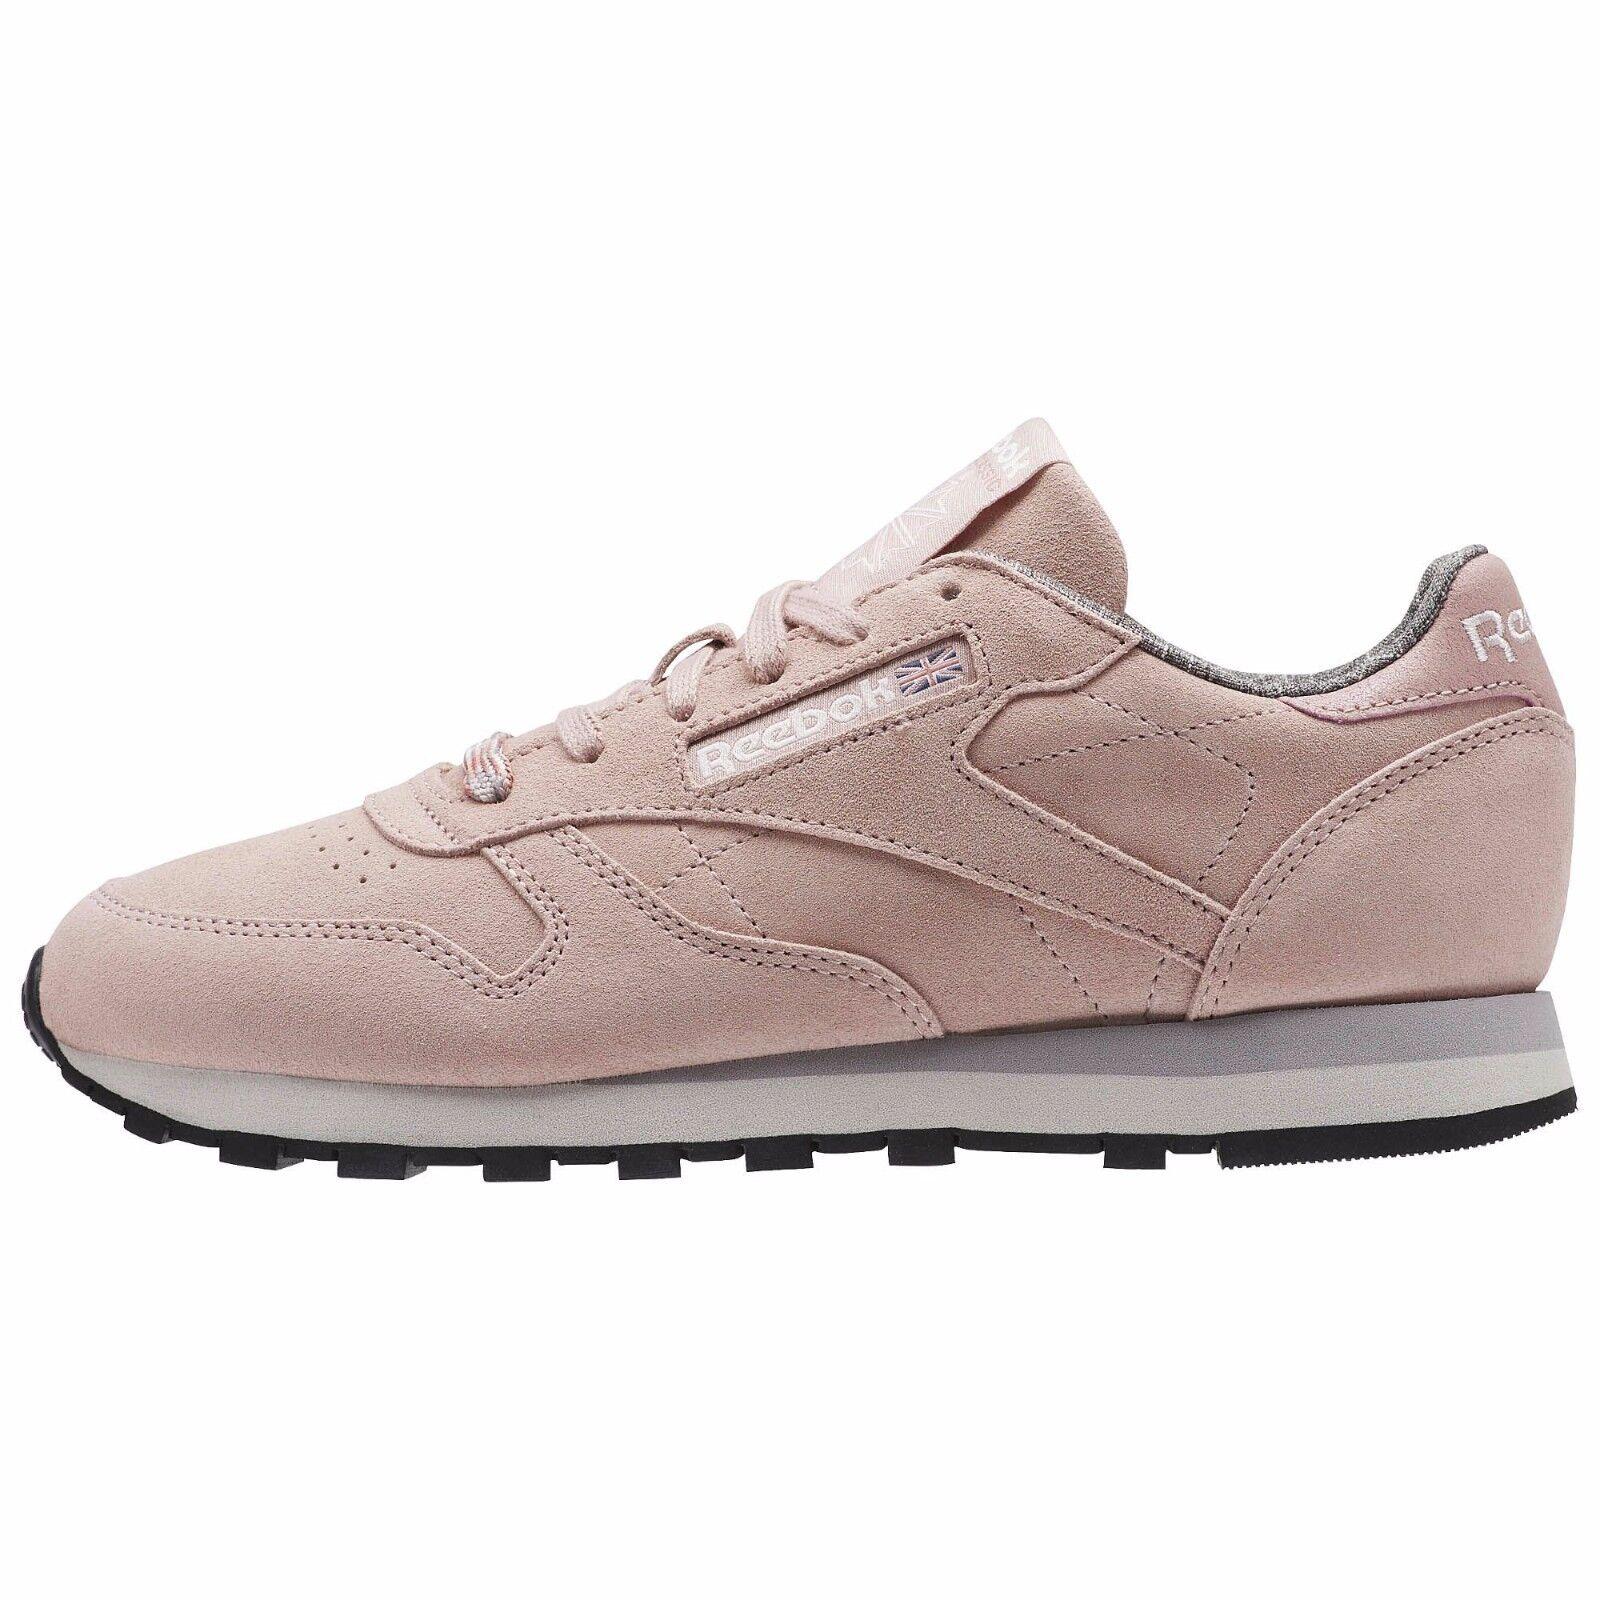 Reebok Para mujeres Cuero Cuero Cuero Clásico W&w (resistido & Lavado) Zapatos rosado BS7865 B  opciones a bajo precio